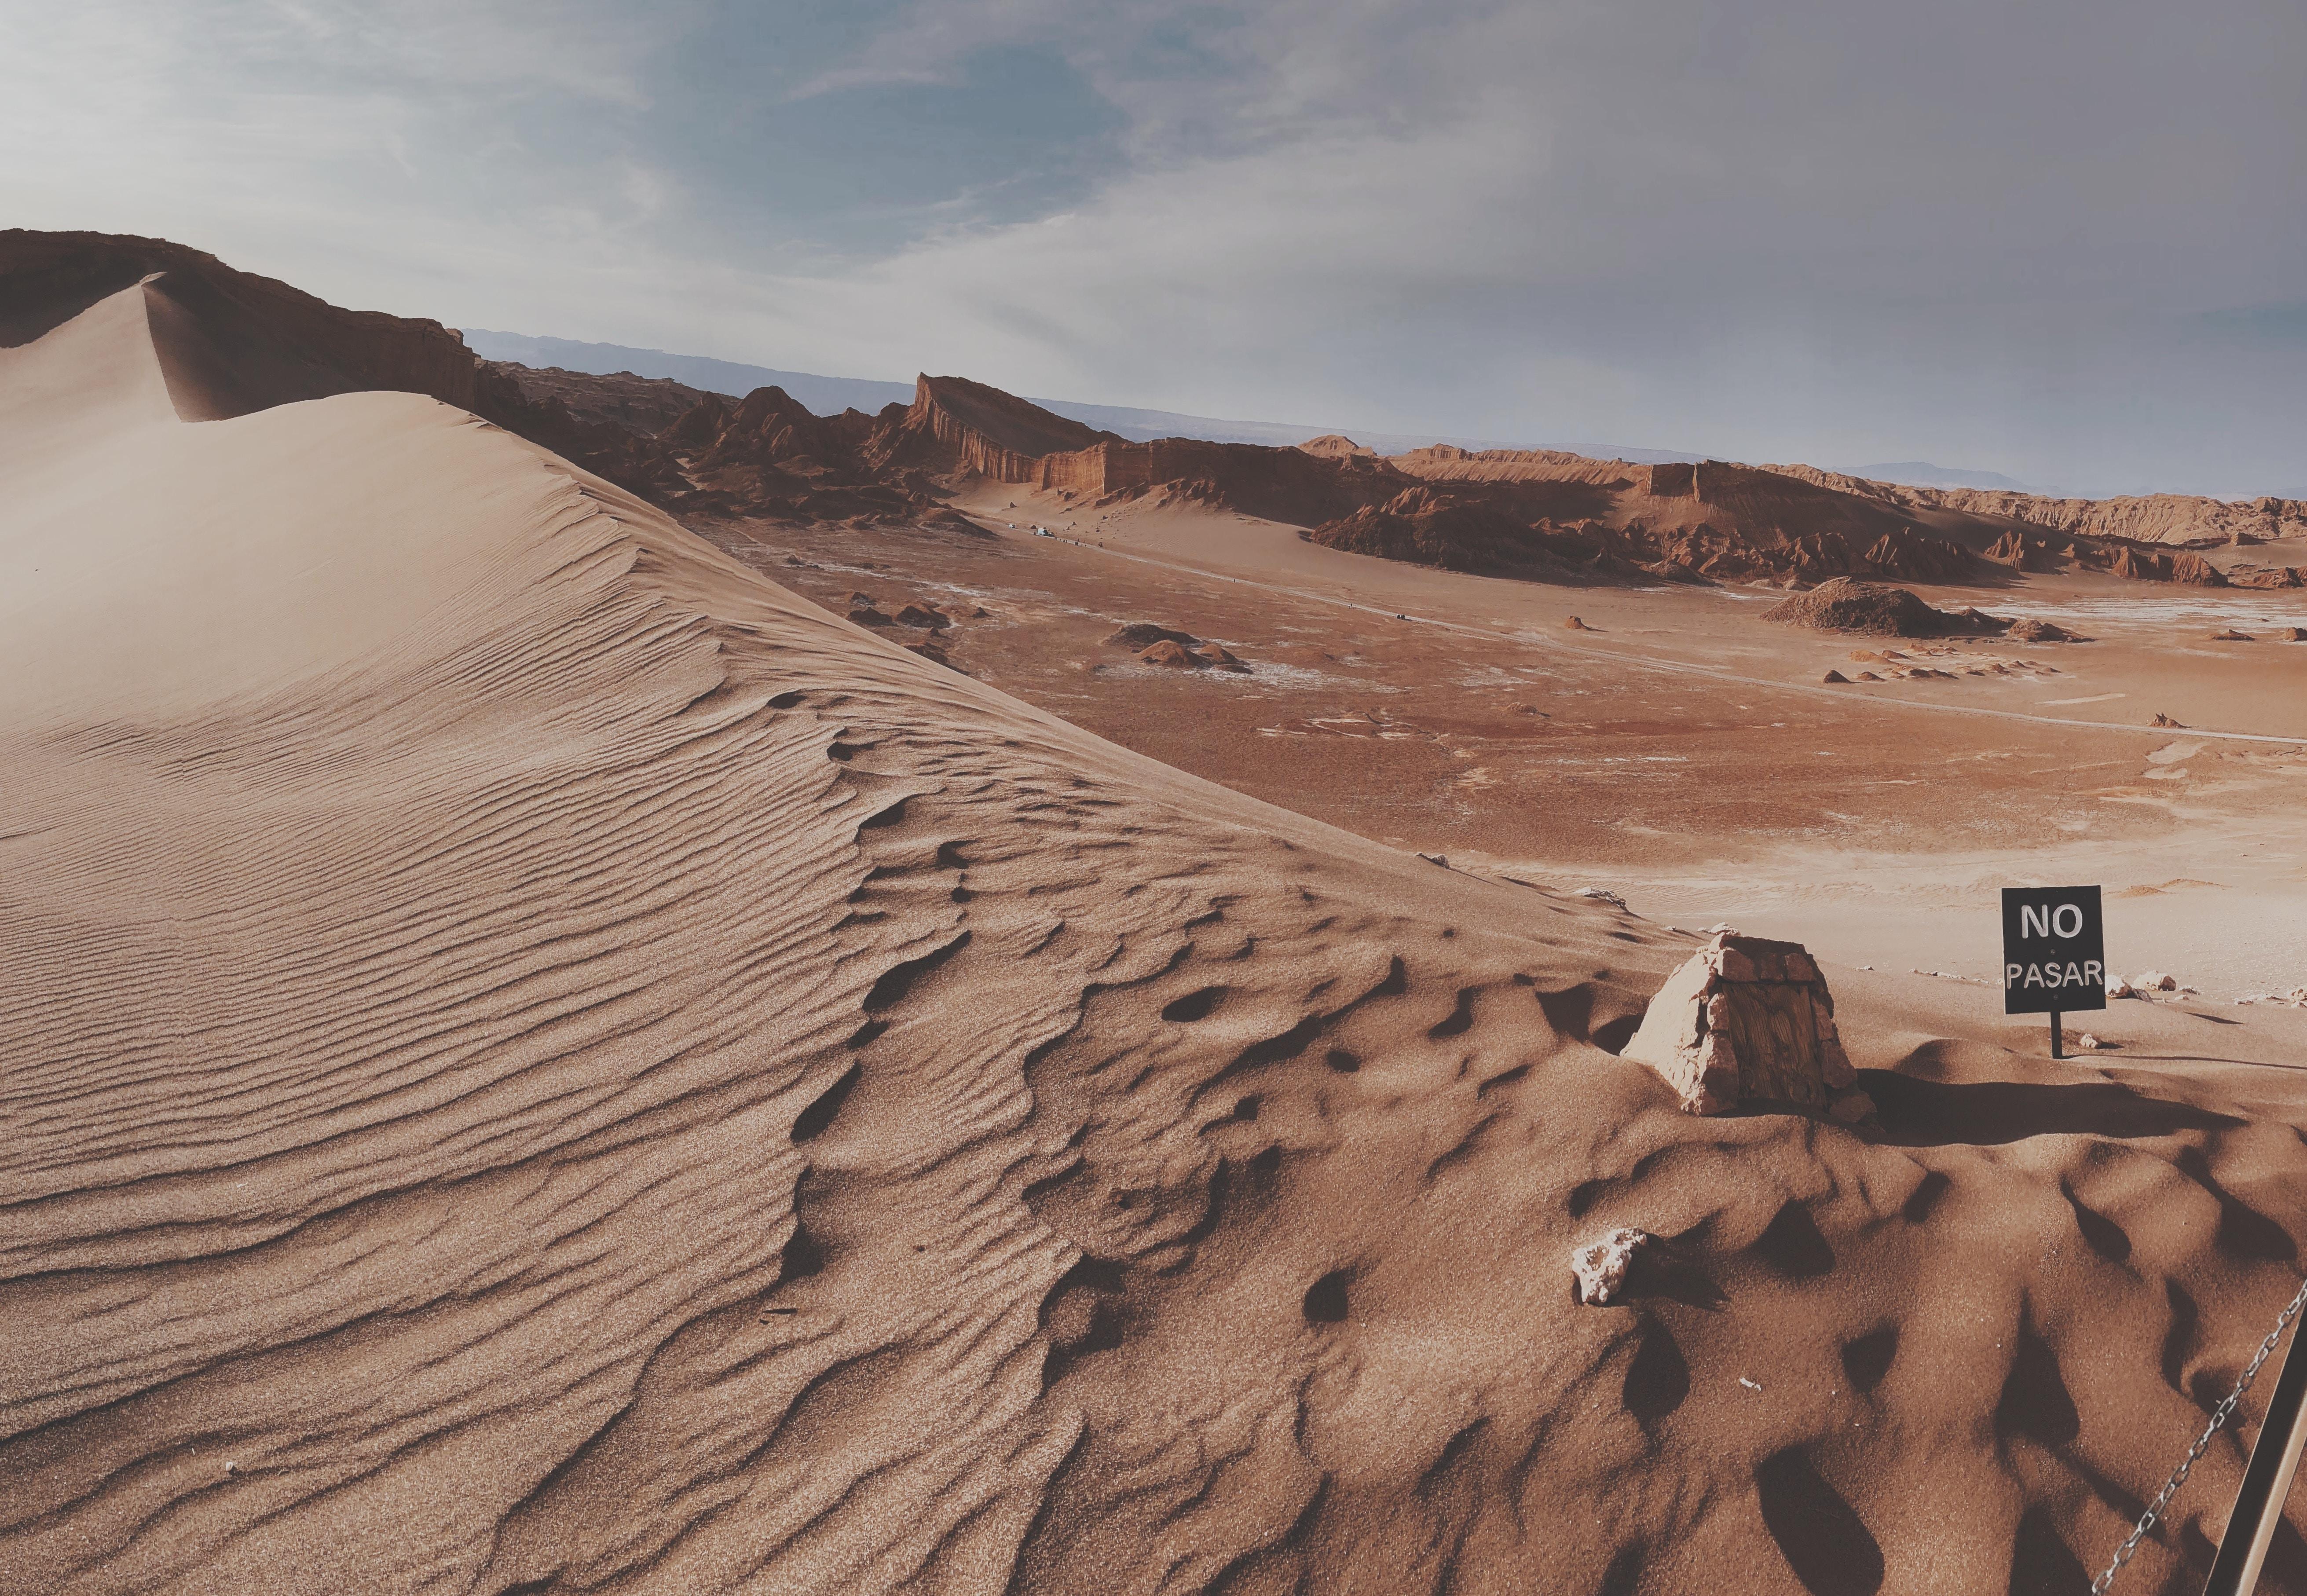 brown desert at daytime